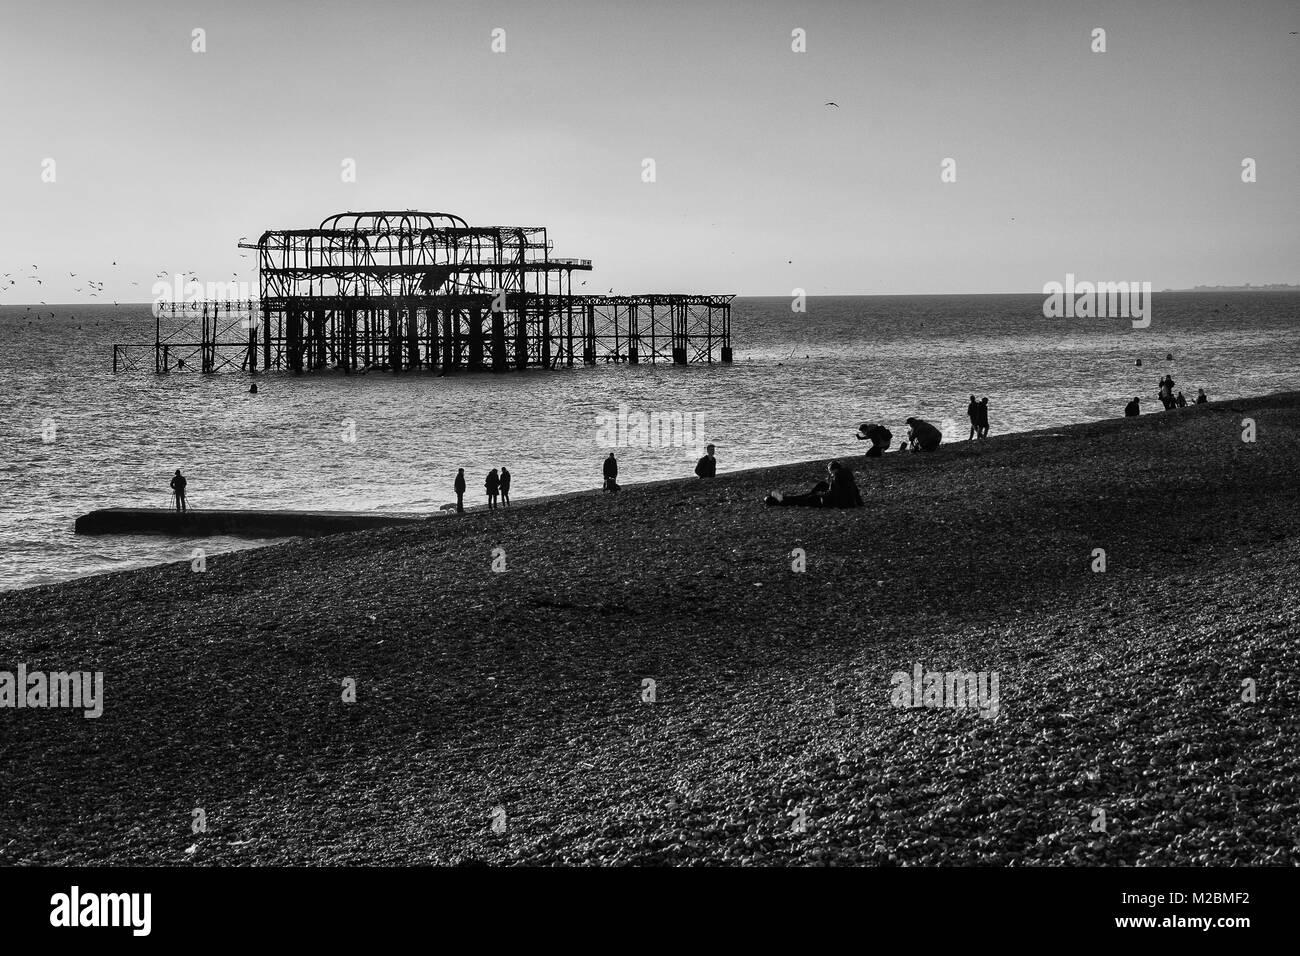 El viejo Brighton Pier, que ahora es sólo una cáscara. Rodado en invierno en blanco y negro Imagen De Stock